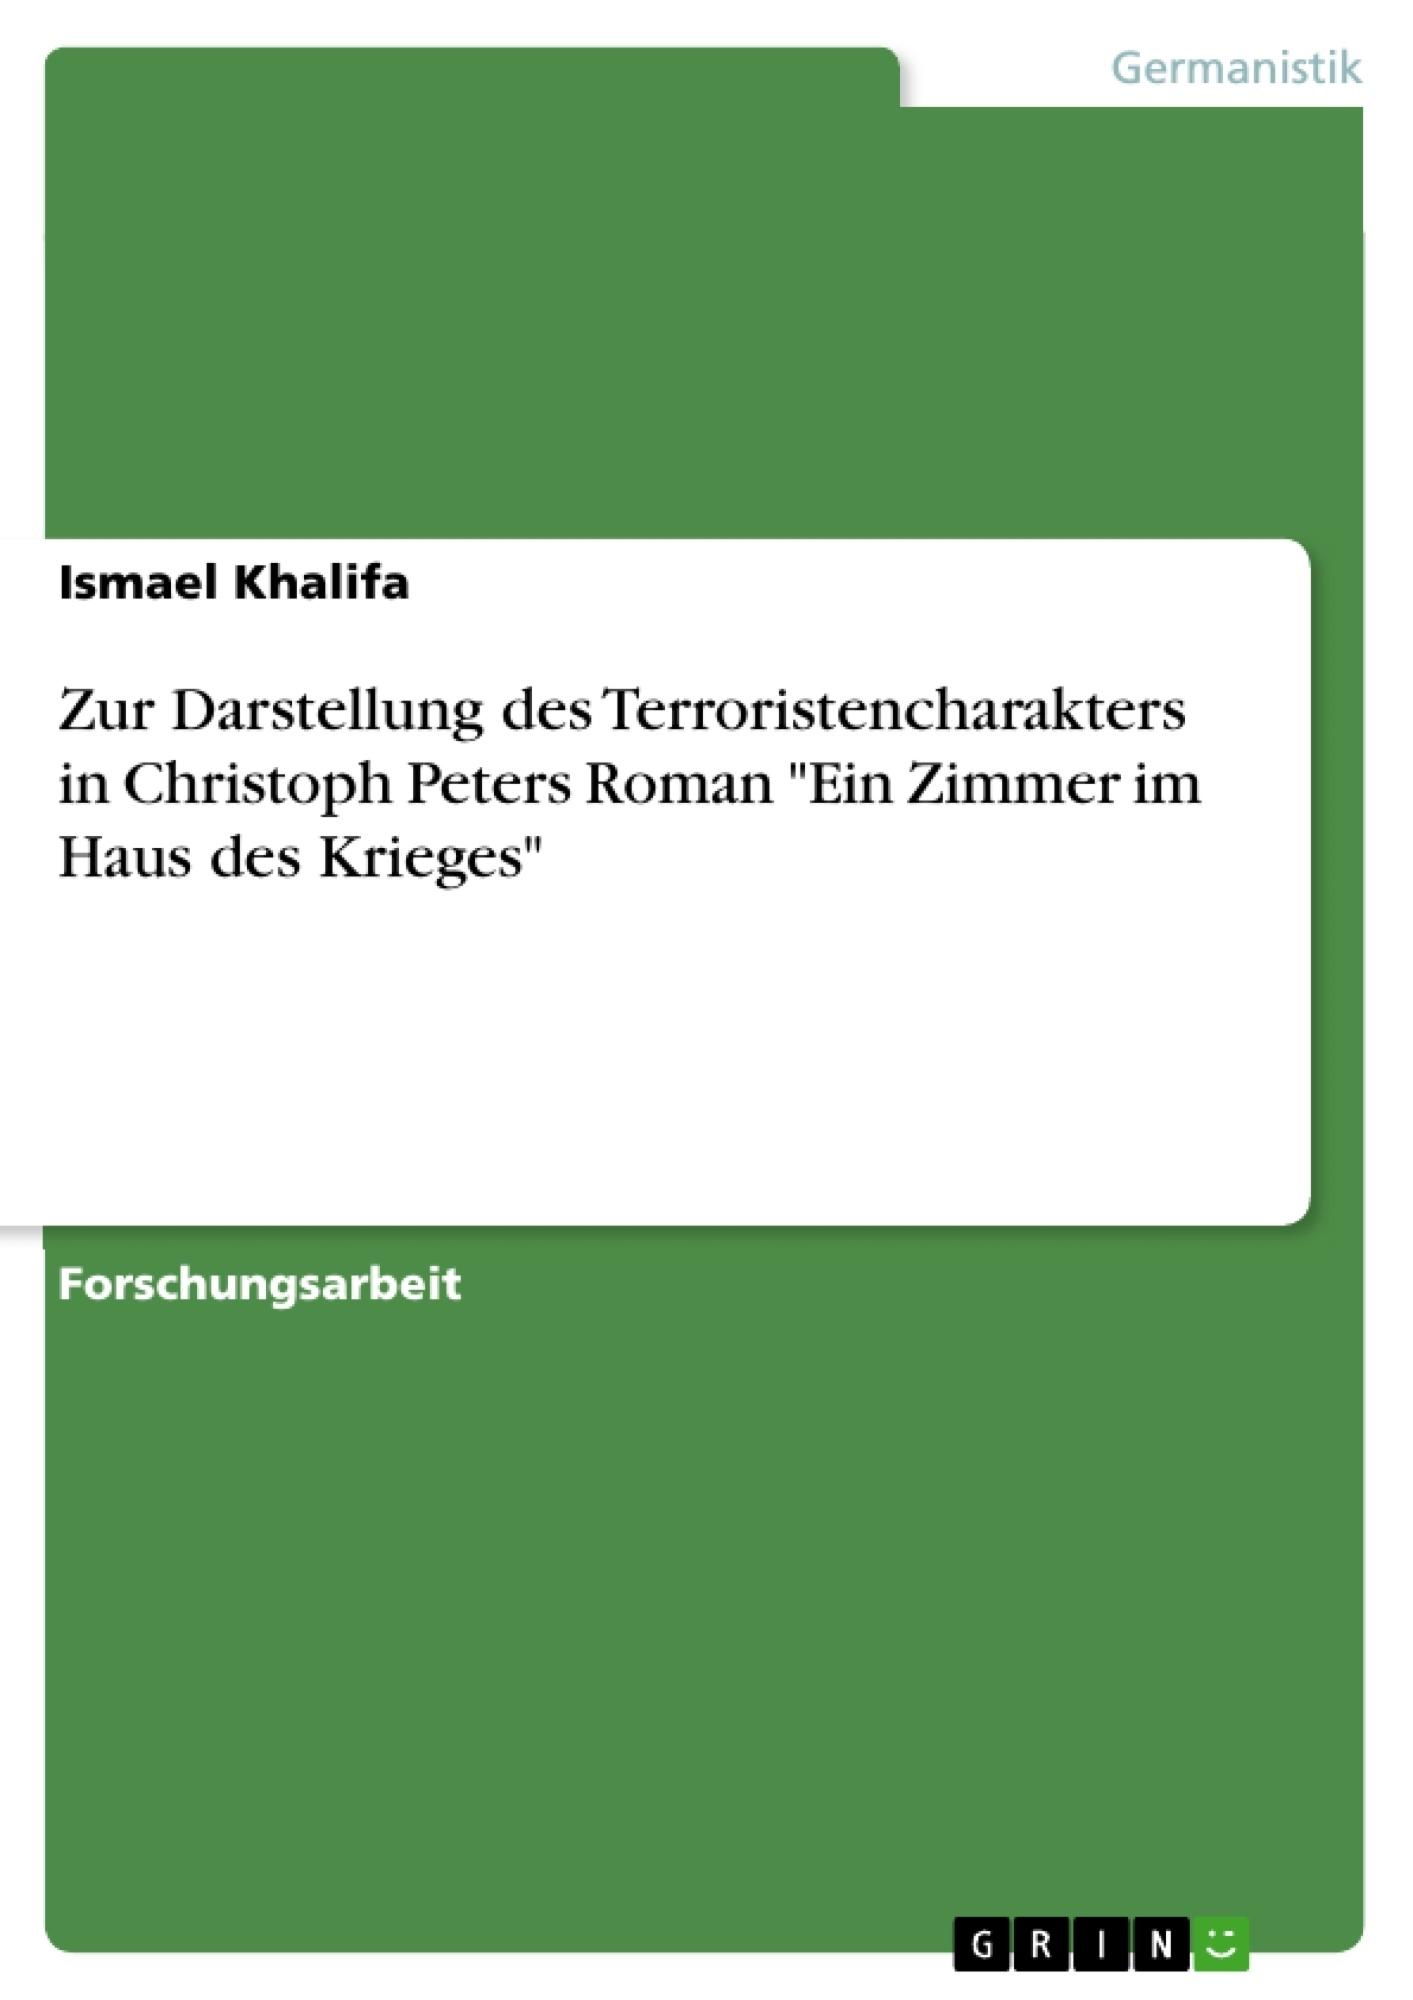 """Titel: Zur Darstellung des Terroristencharakters in Christoph Peters Roman """"Ein Zimmer im Haus des Krieges"""""""